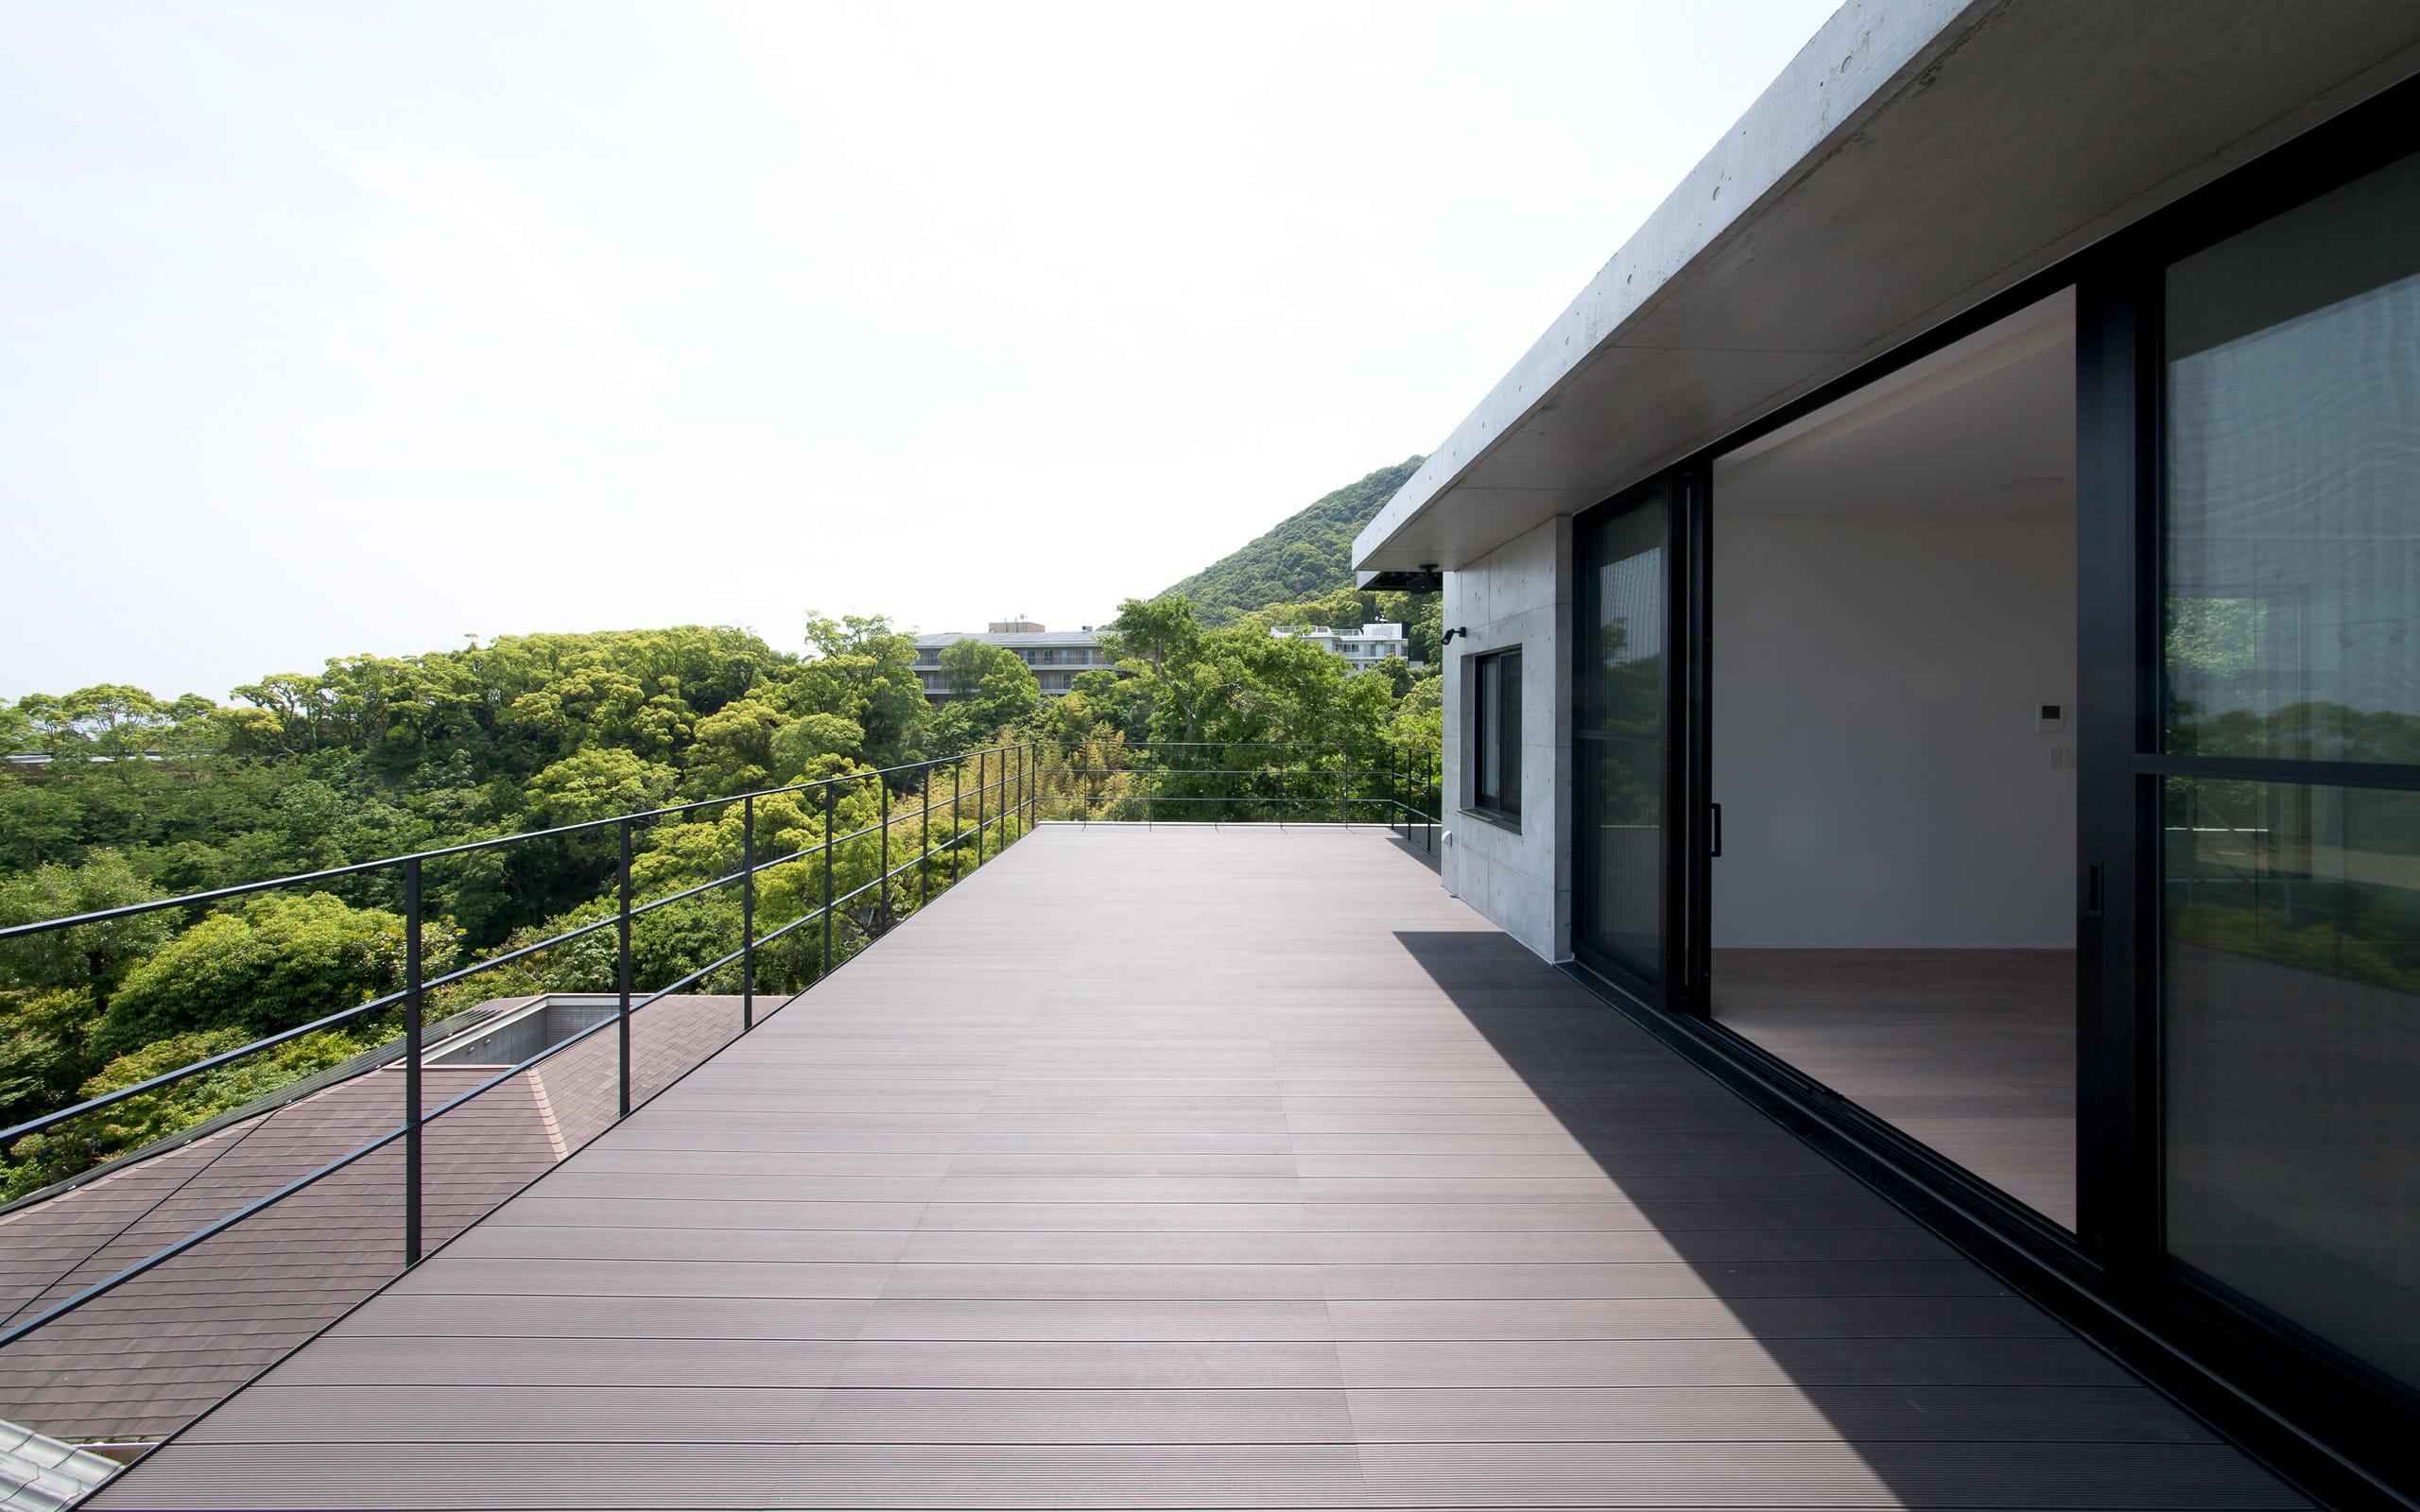 非日常スタジオ付ガレージ住宅の屋上・テラス2